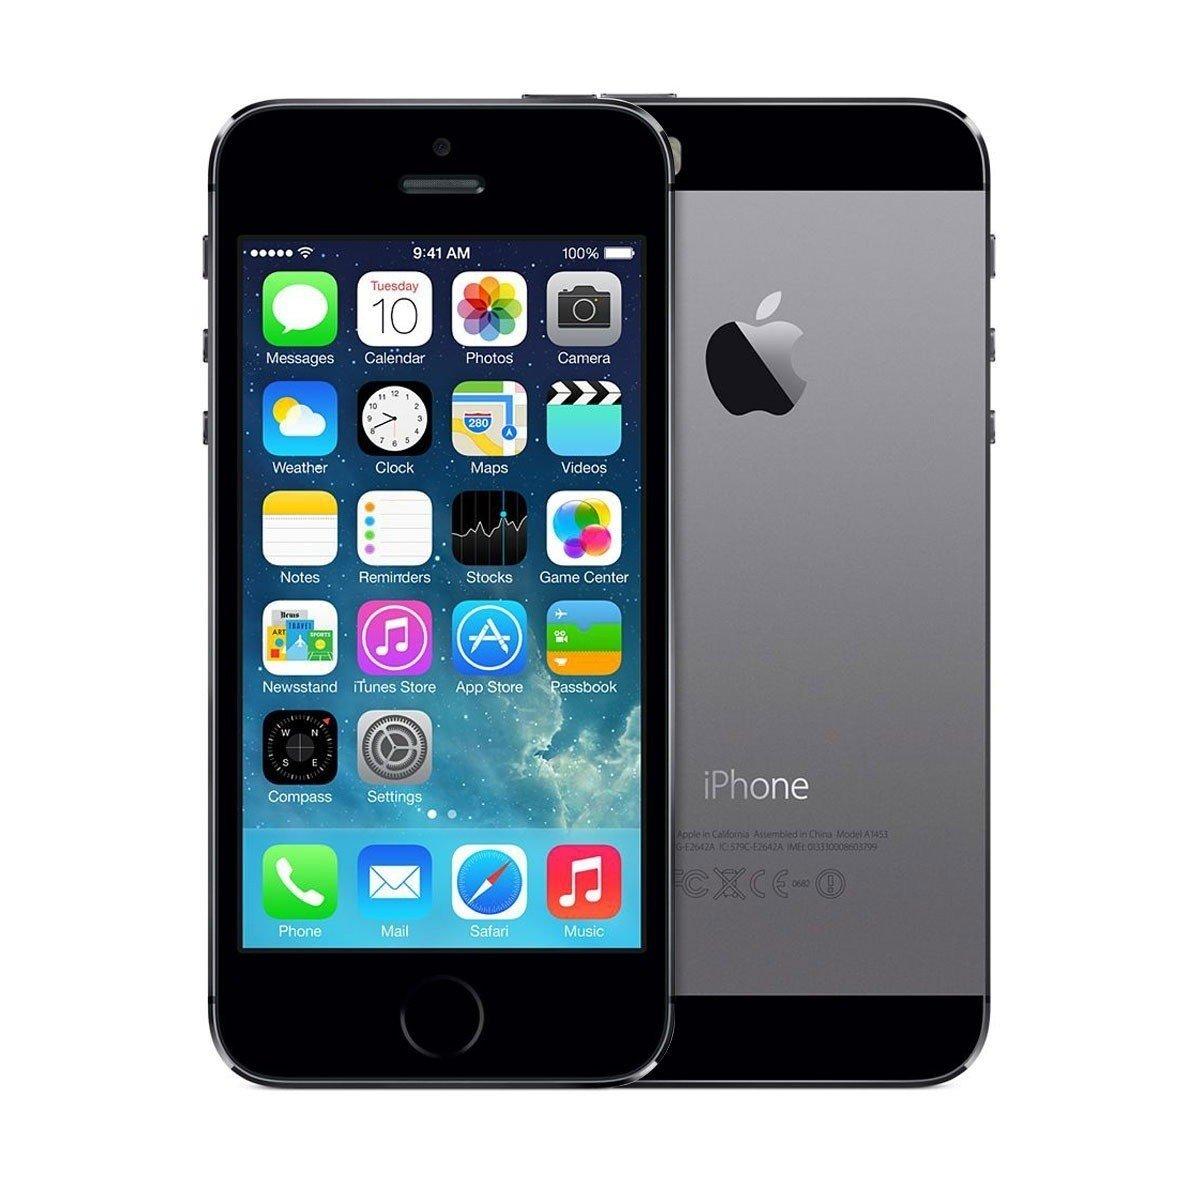 реальная цена iphone 5s